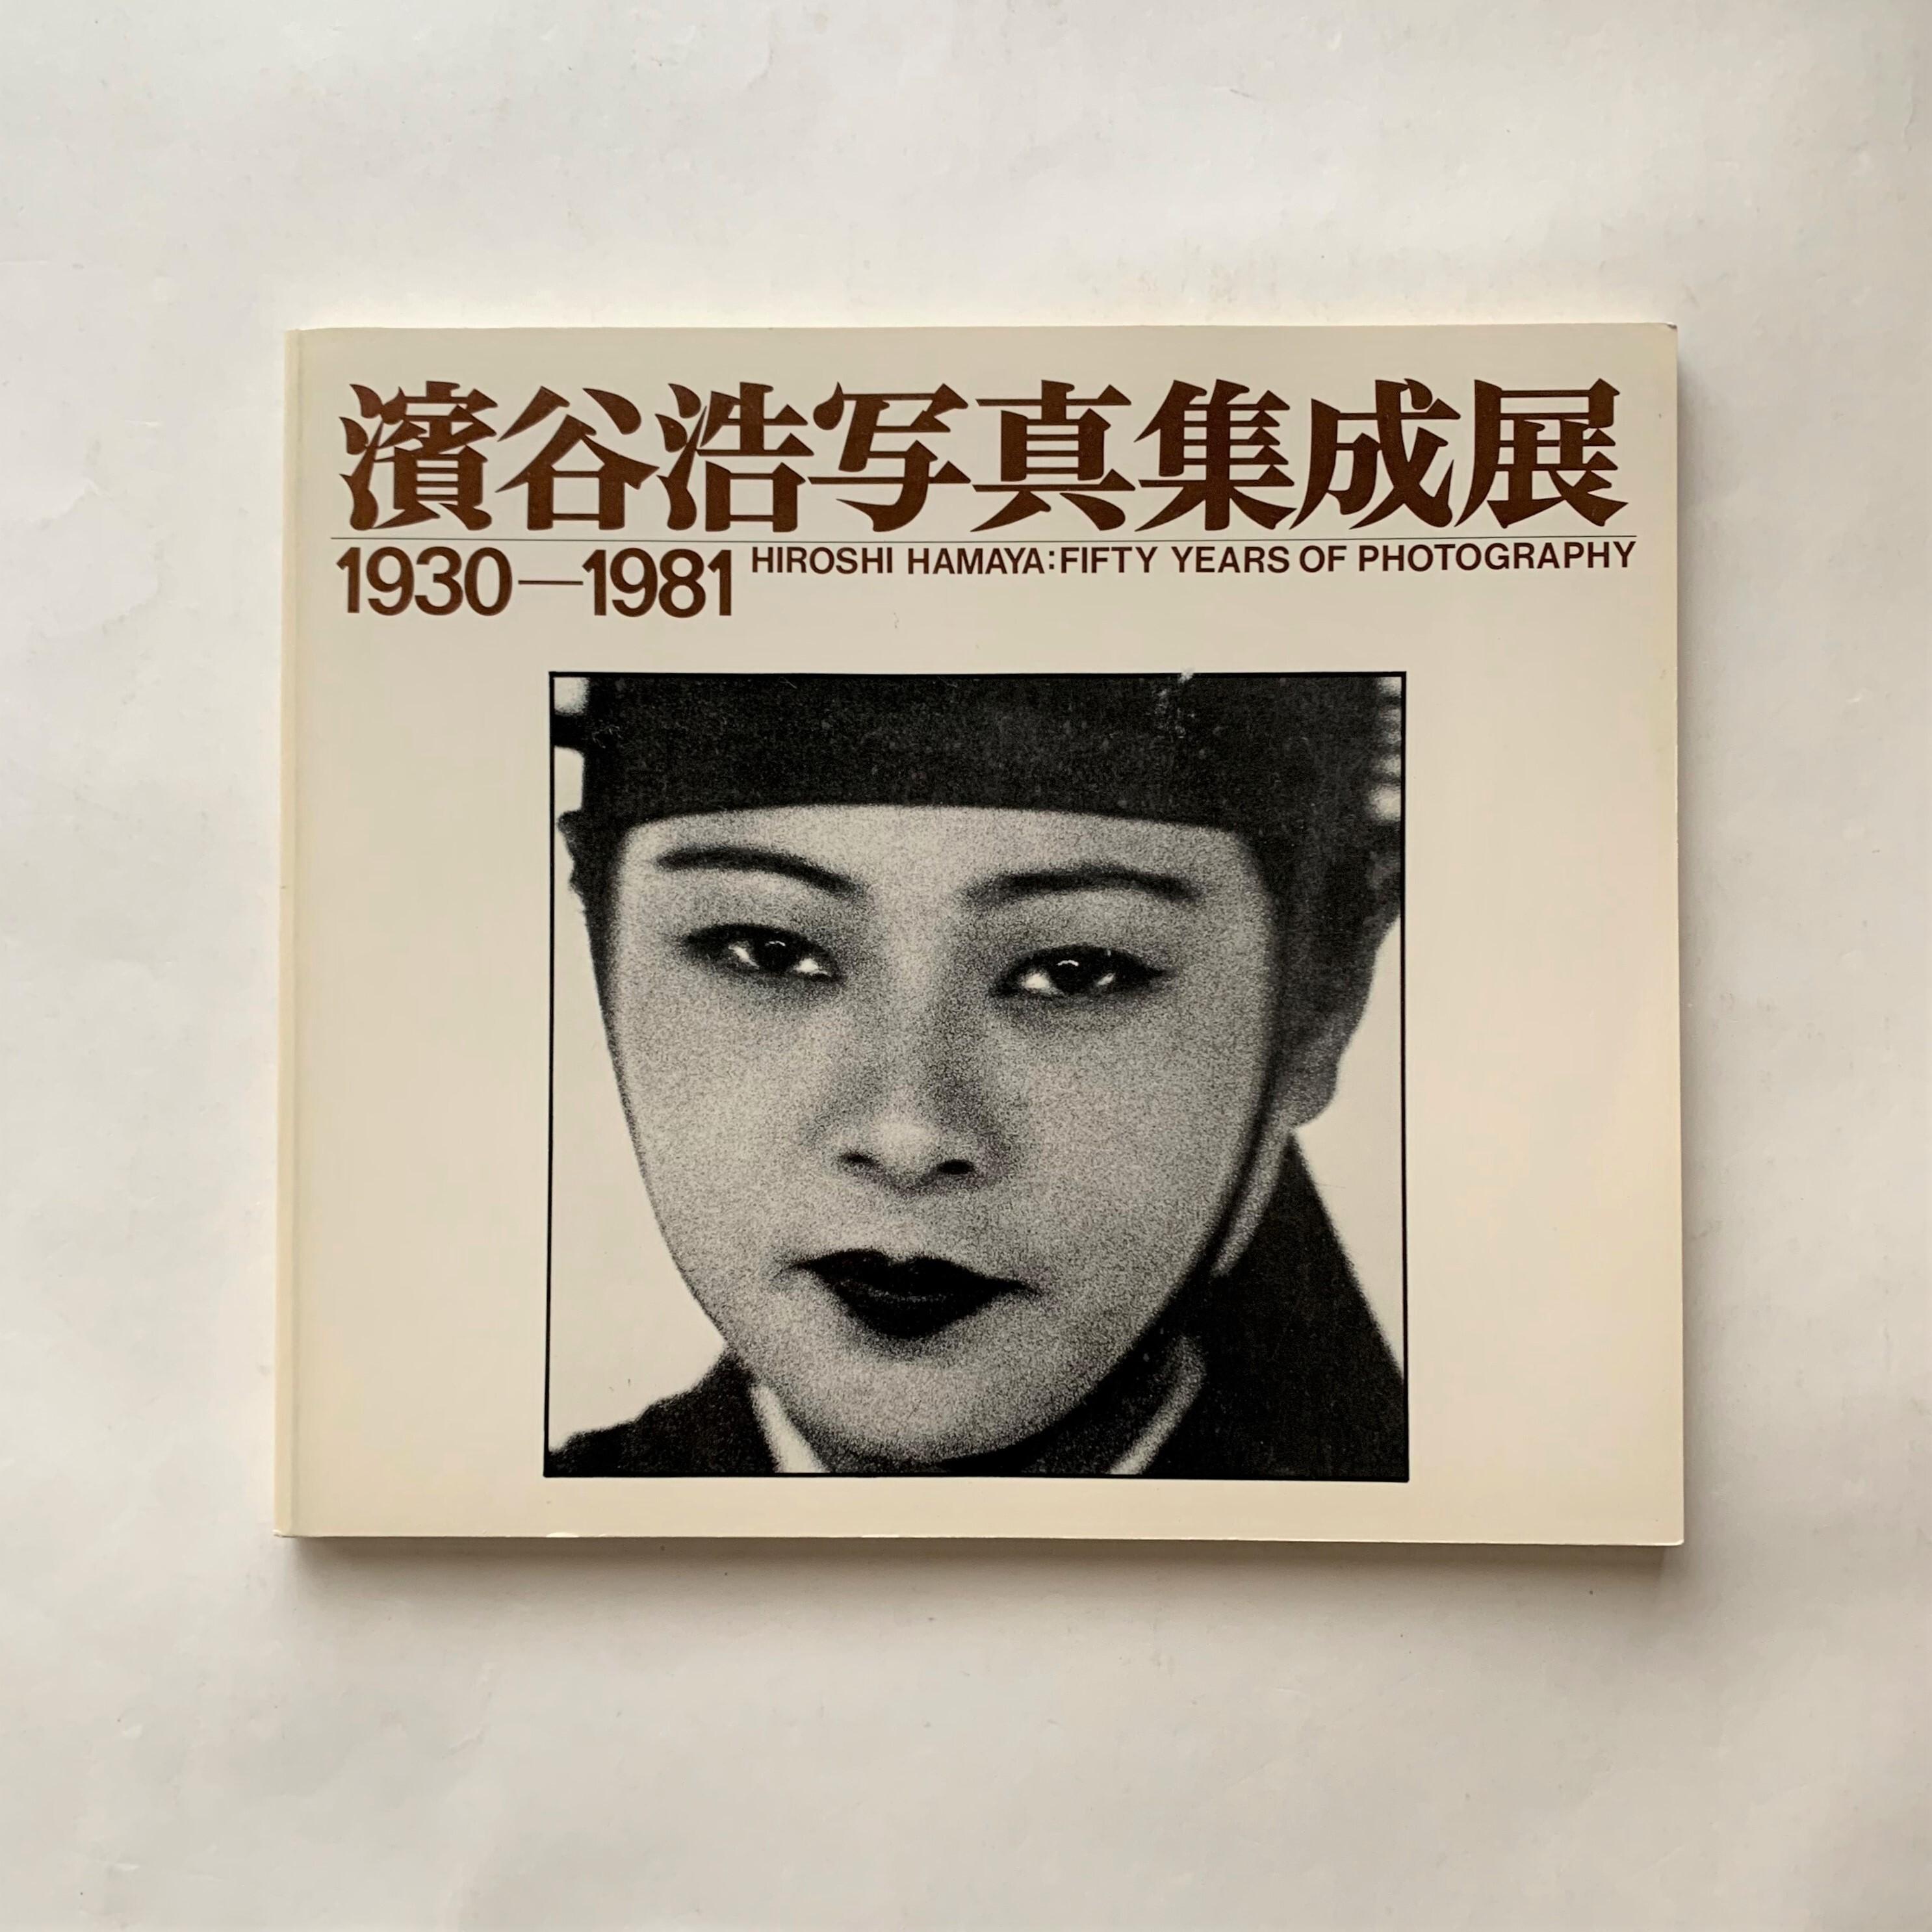 濱谷浩写真集成展 1930-1981  /  濱谷浩